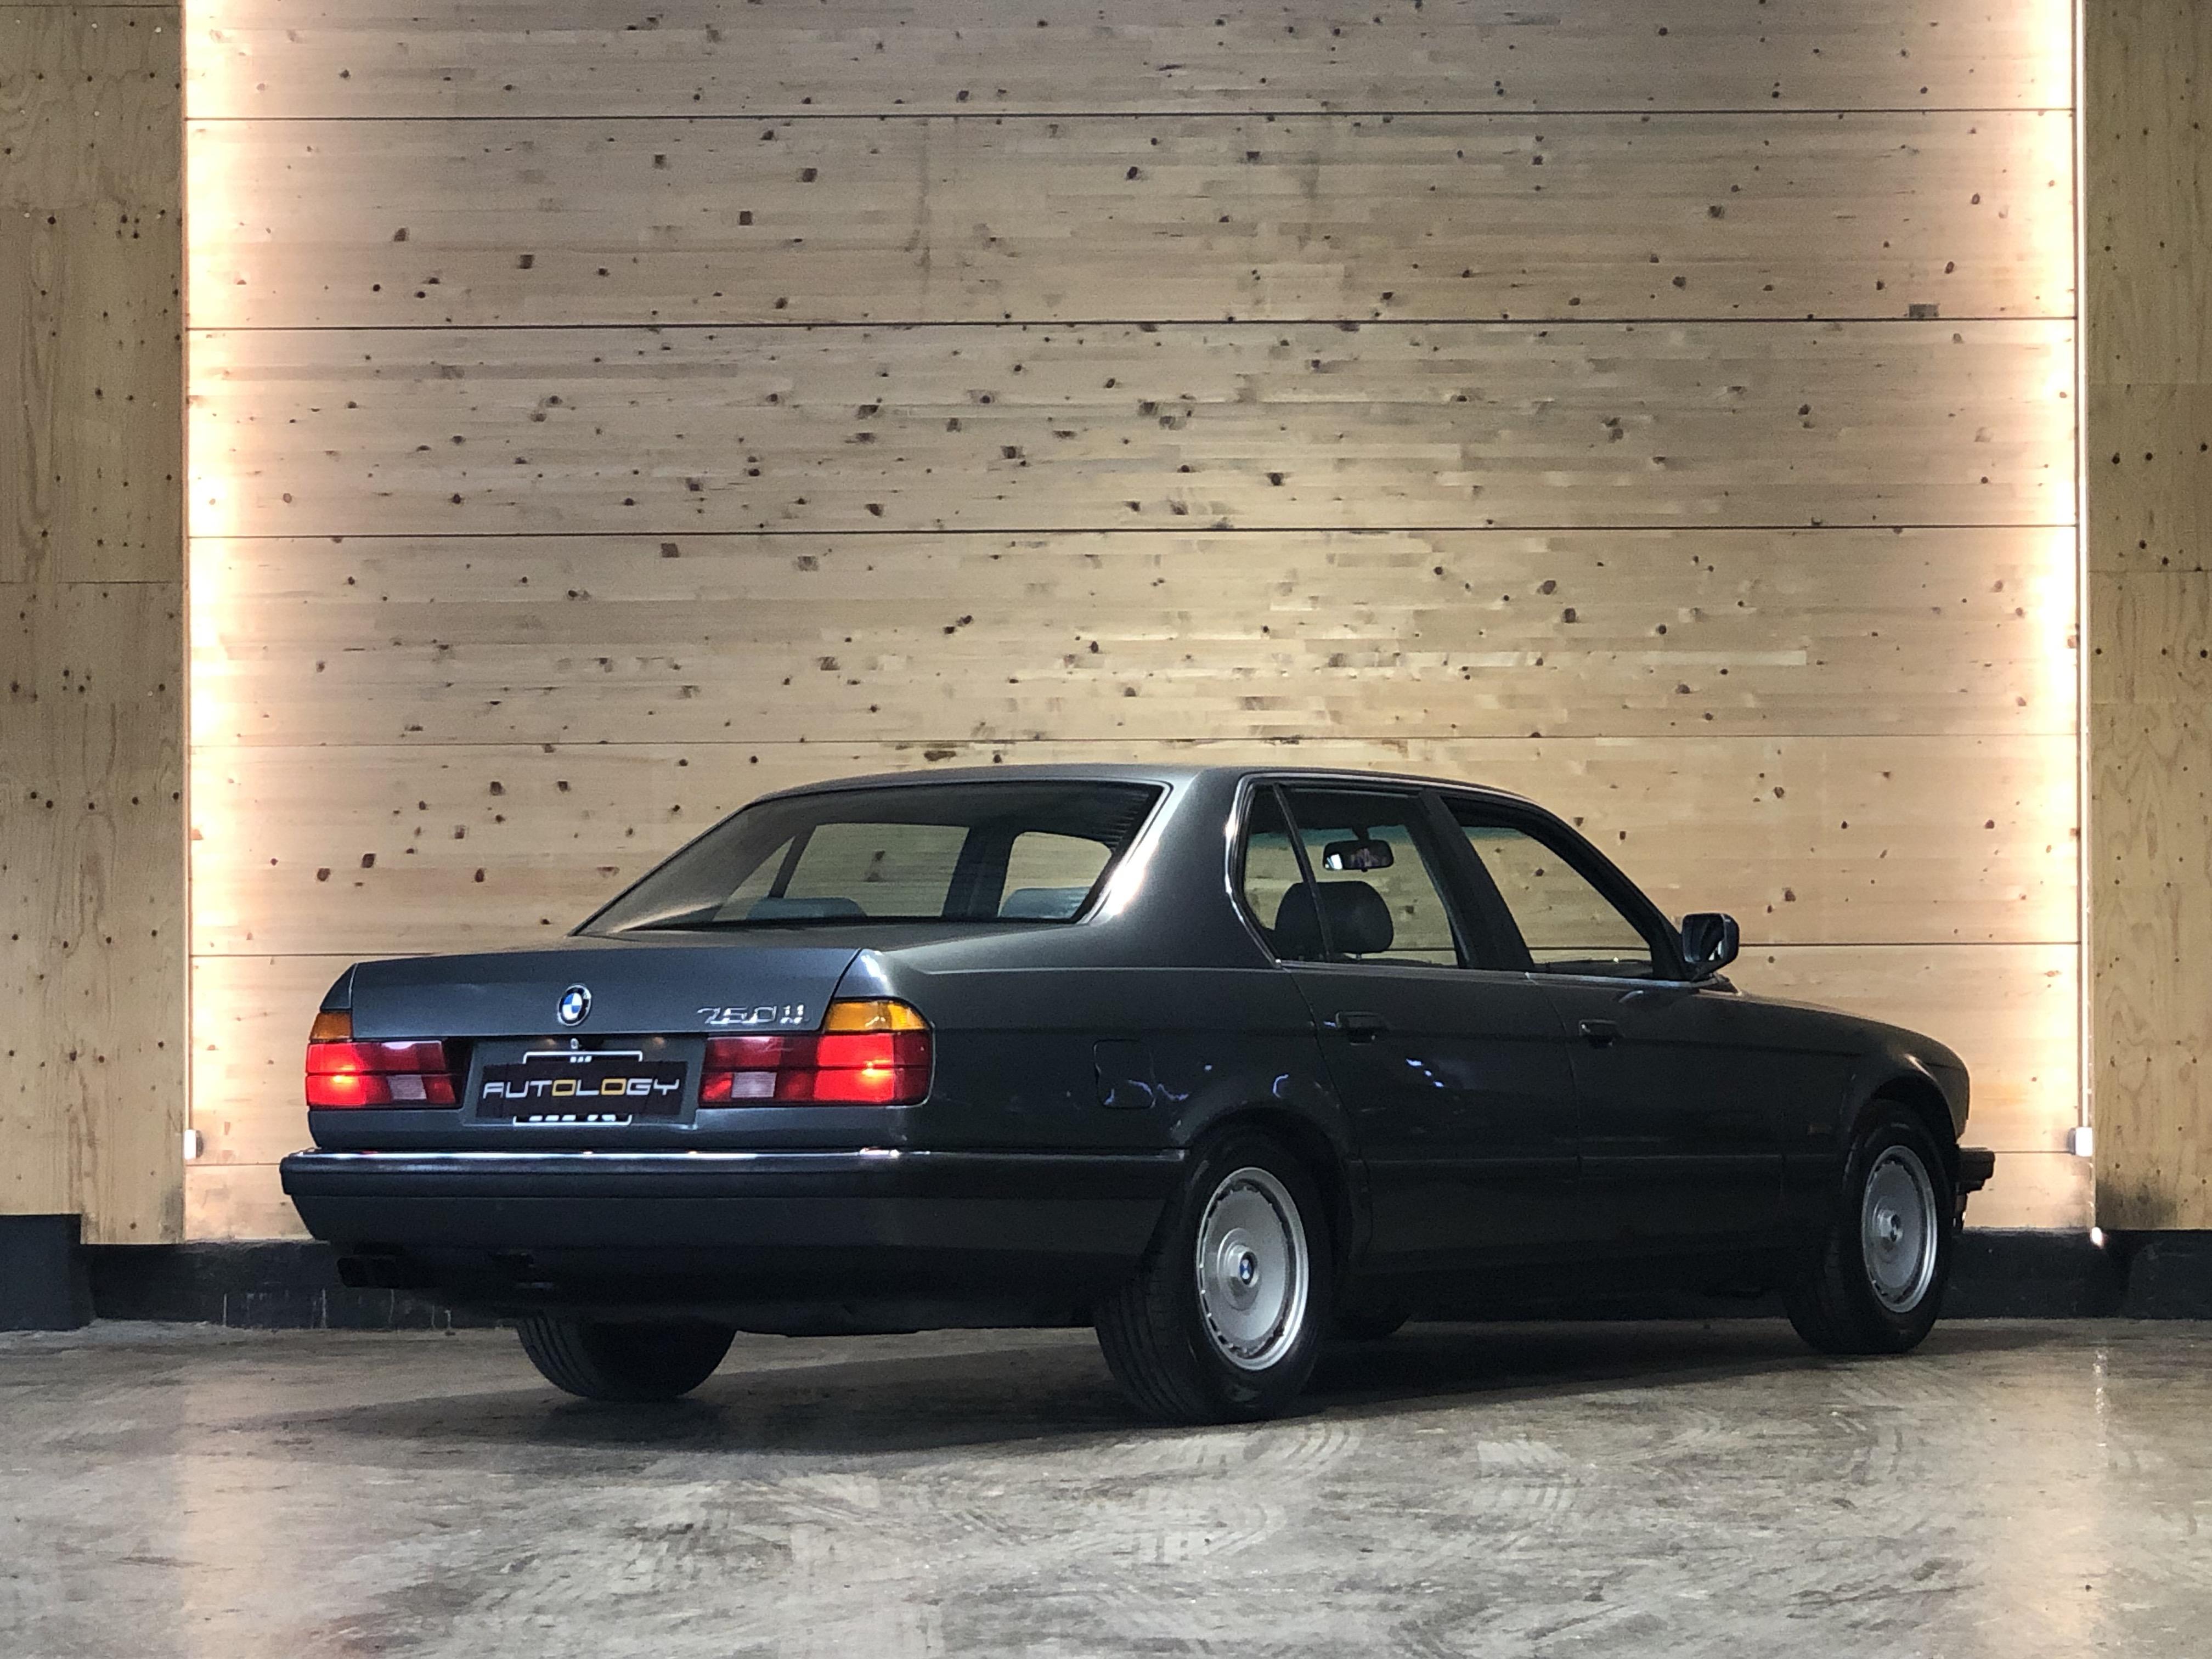 BMW 750 iaL